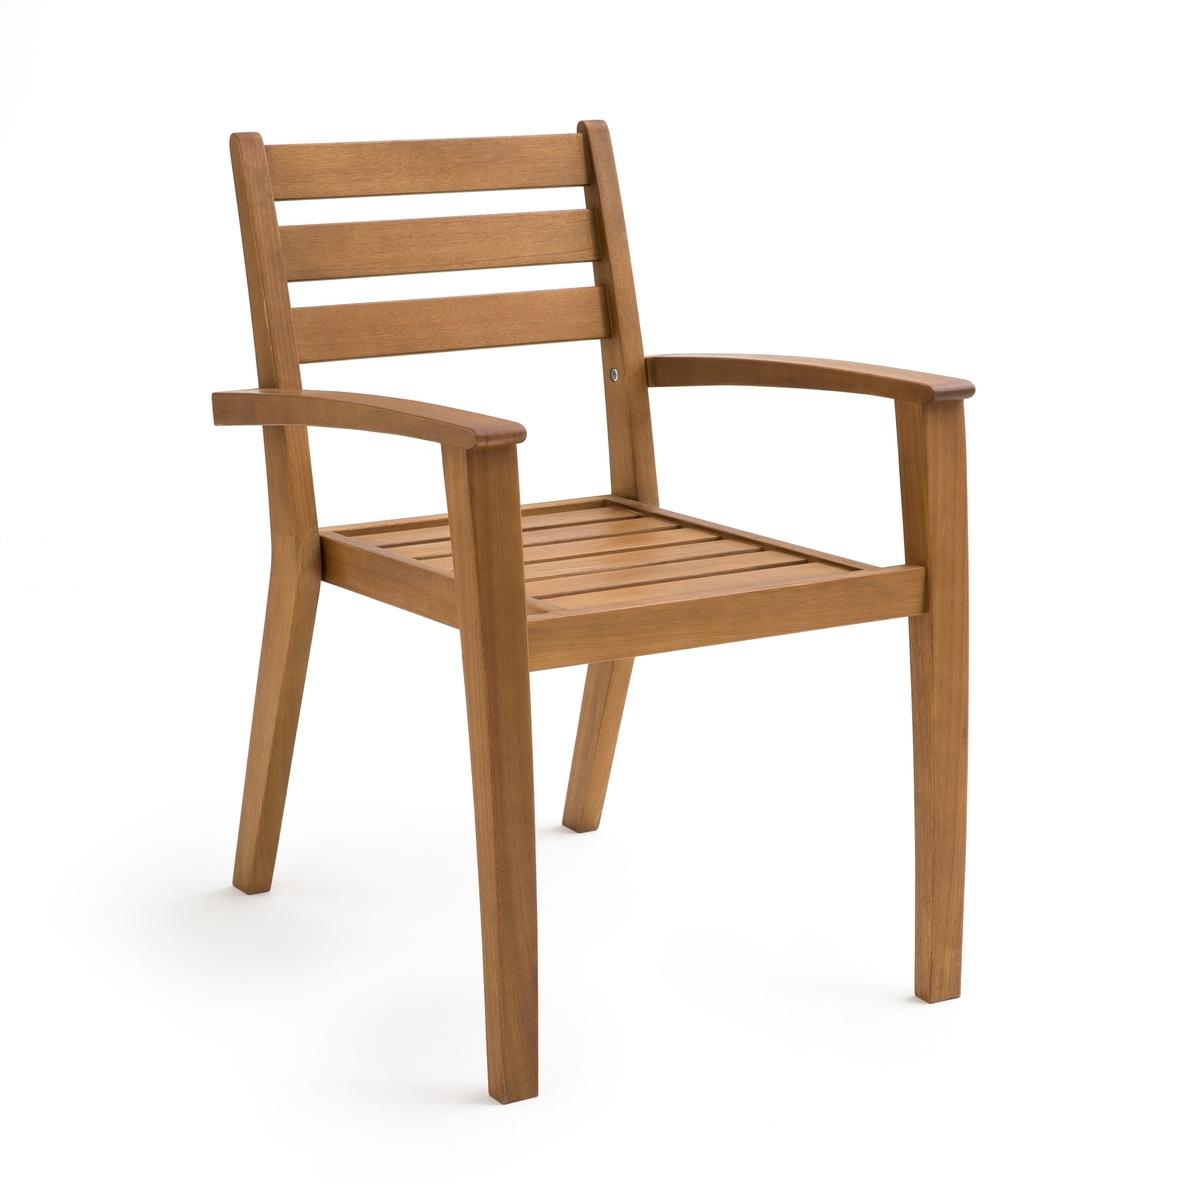 Кресло обеденное садовое из акации, Shayne